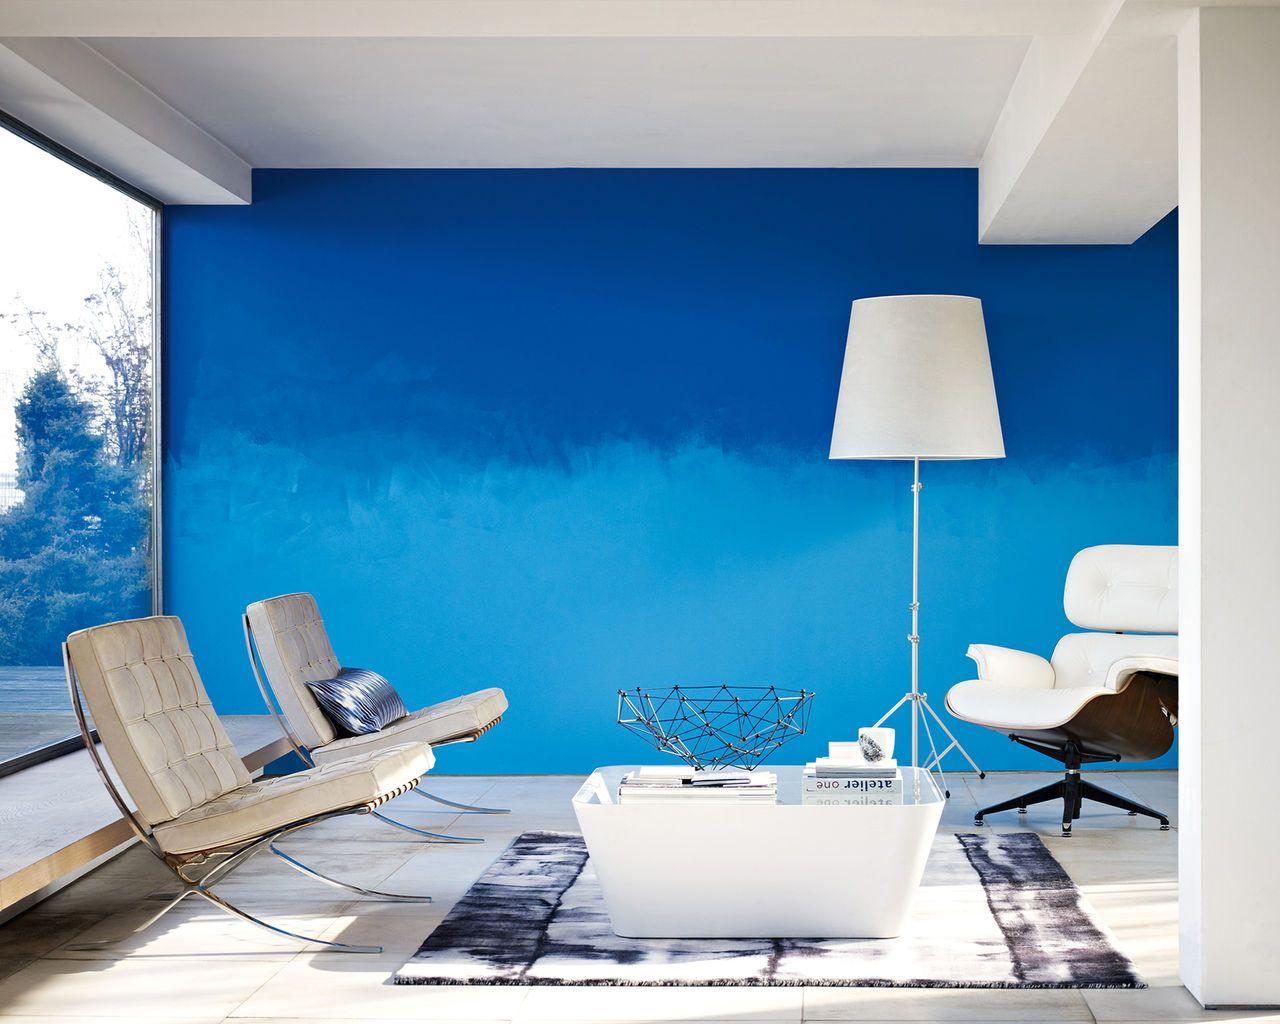 Comment Faire Un D Grad En Peinture Nuances De Bleu Bleu Clair